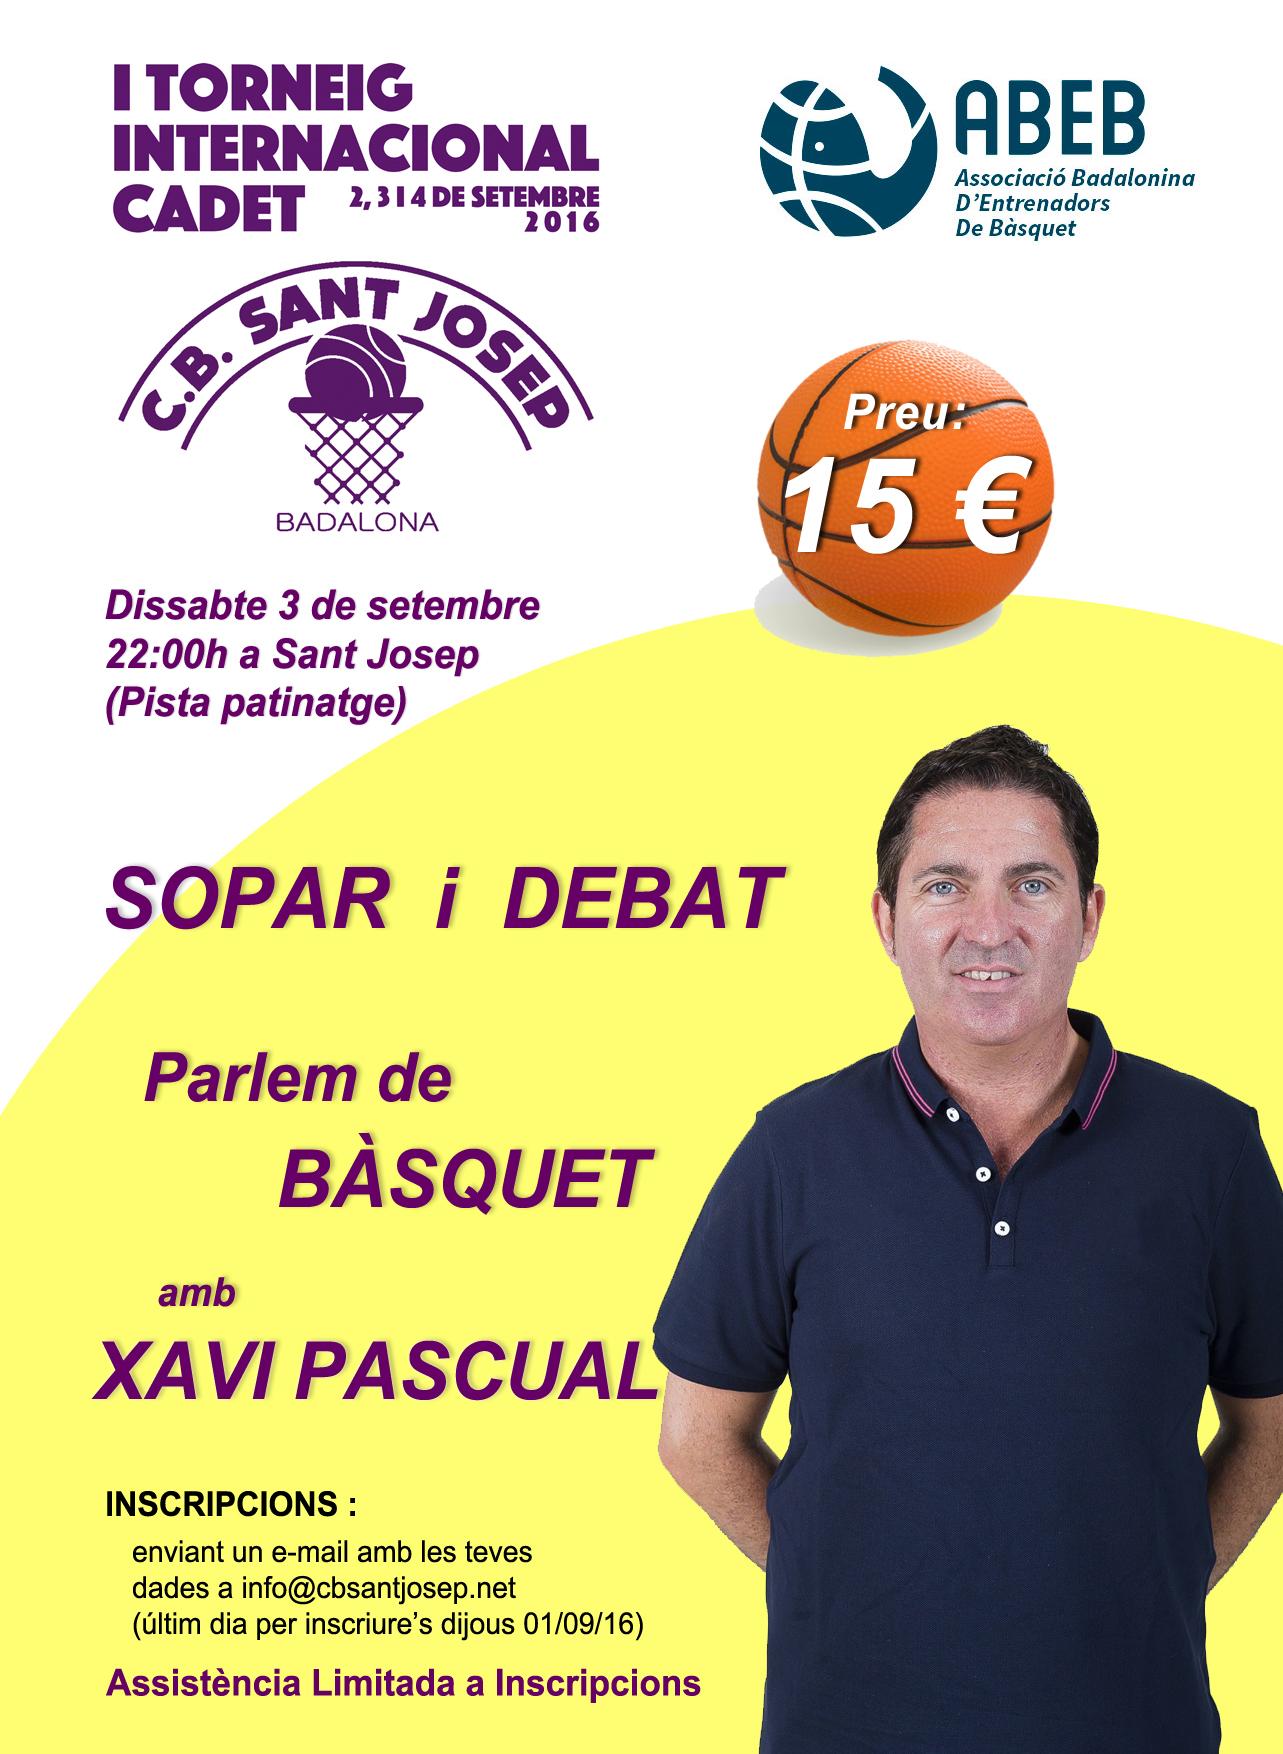 Sopar i debat amb Xavi Pascual